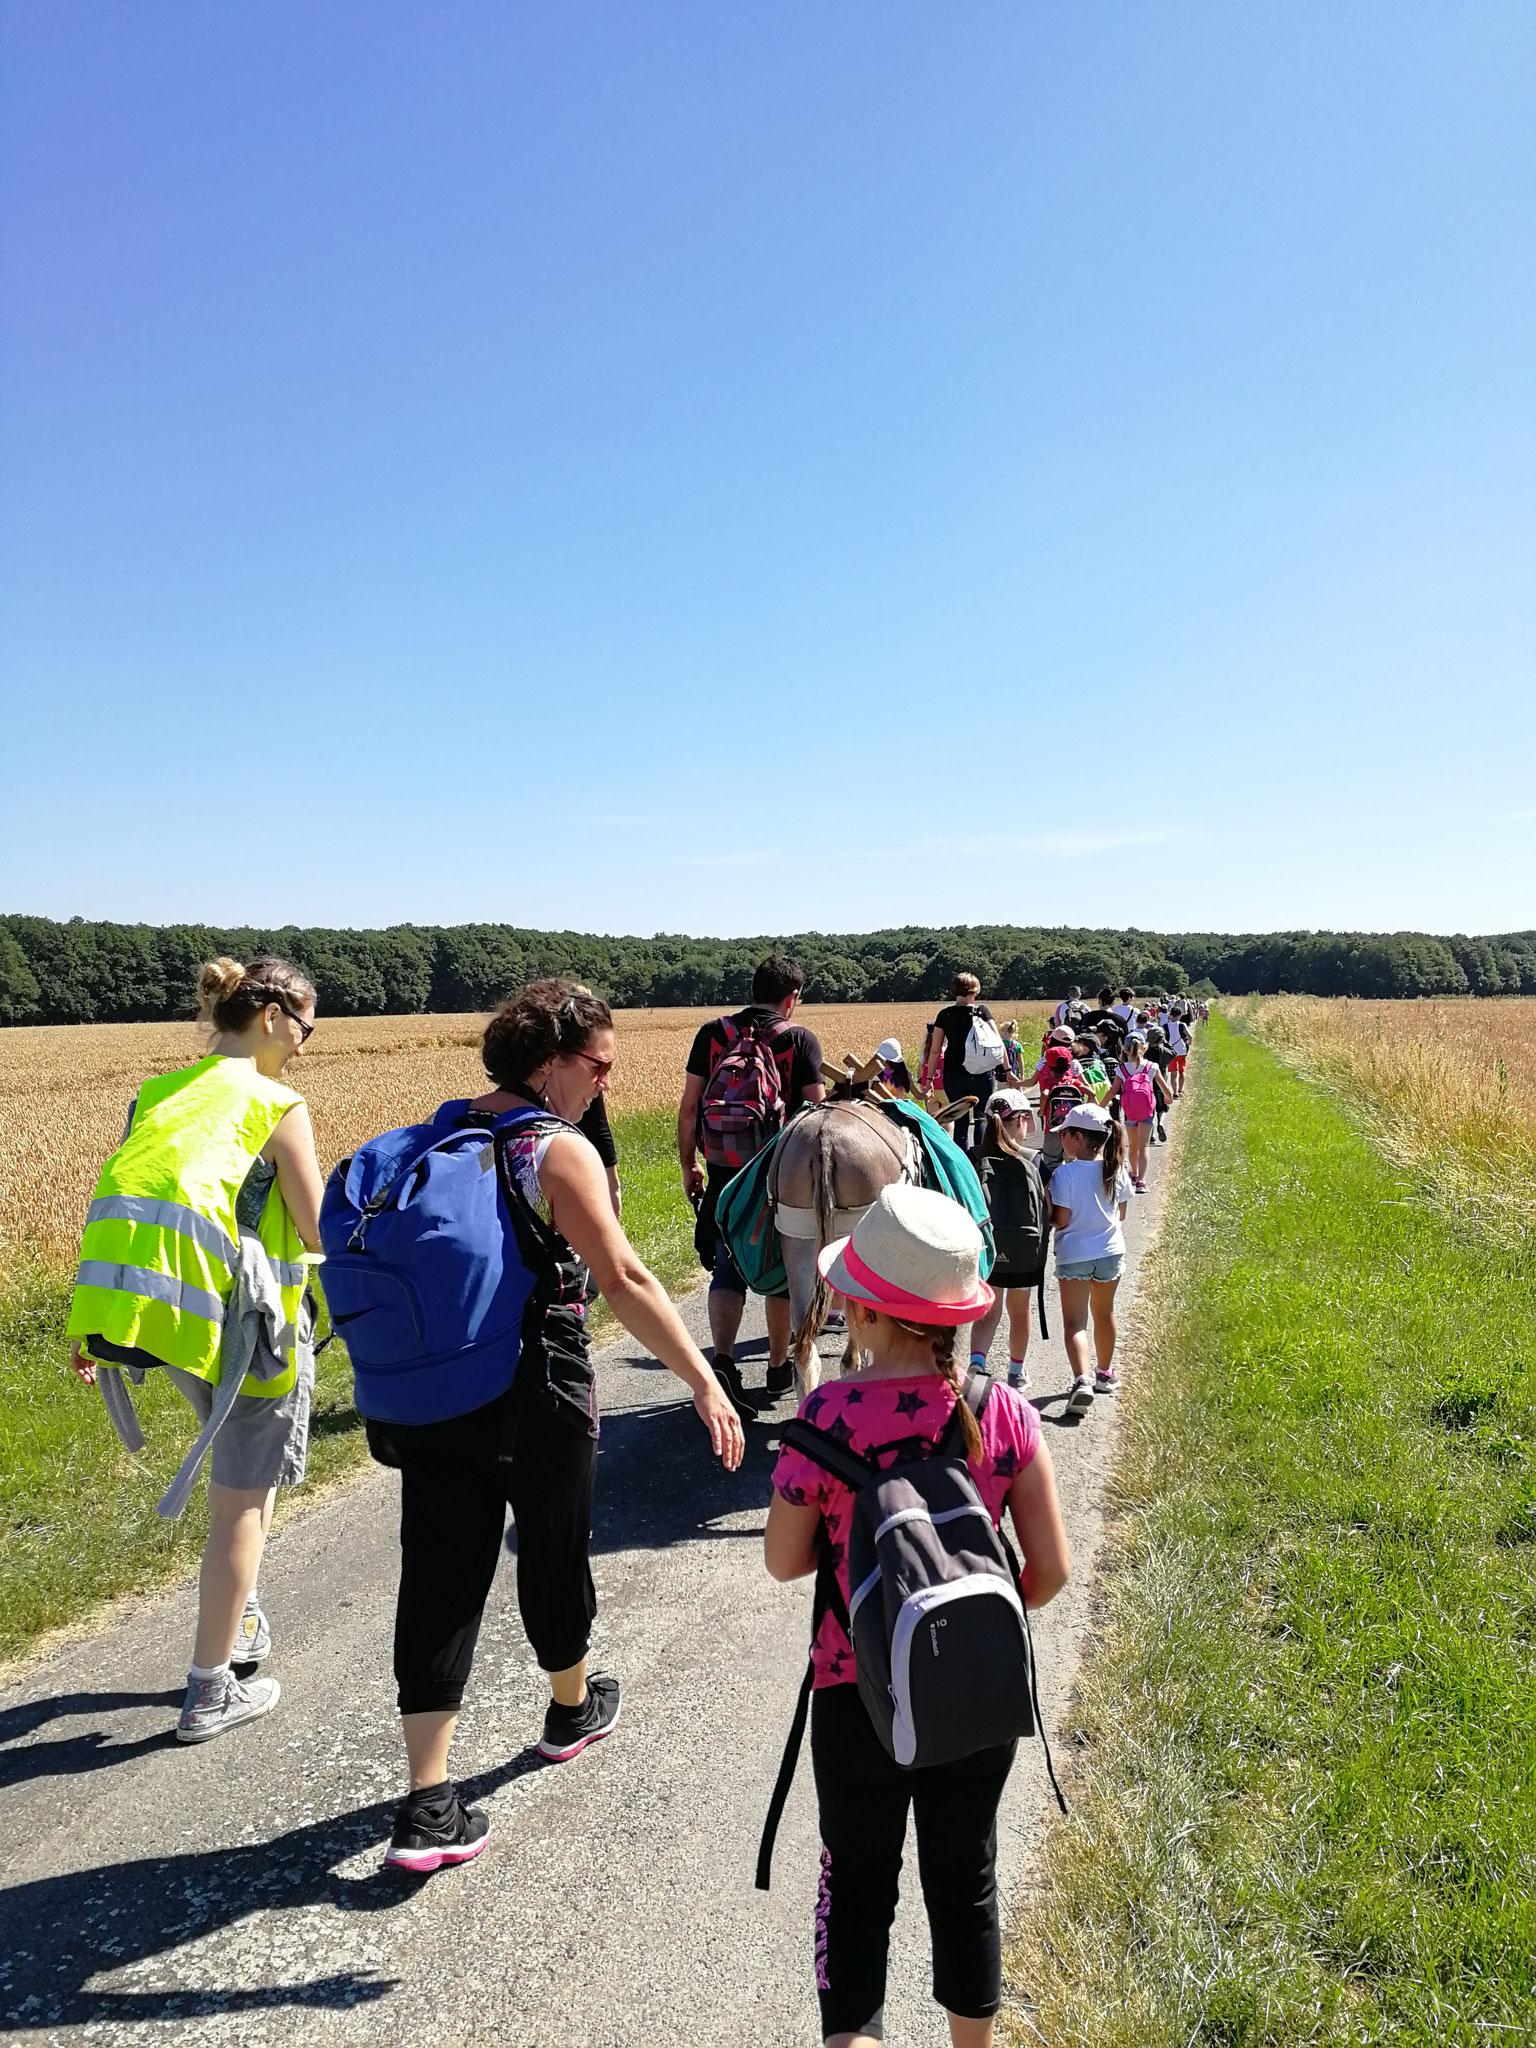 Randonnée en âne bâté clown en Touraine Val de Loire - sortie scolaire et comité d'entreprises